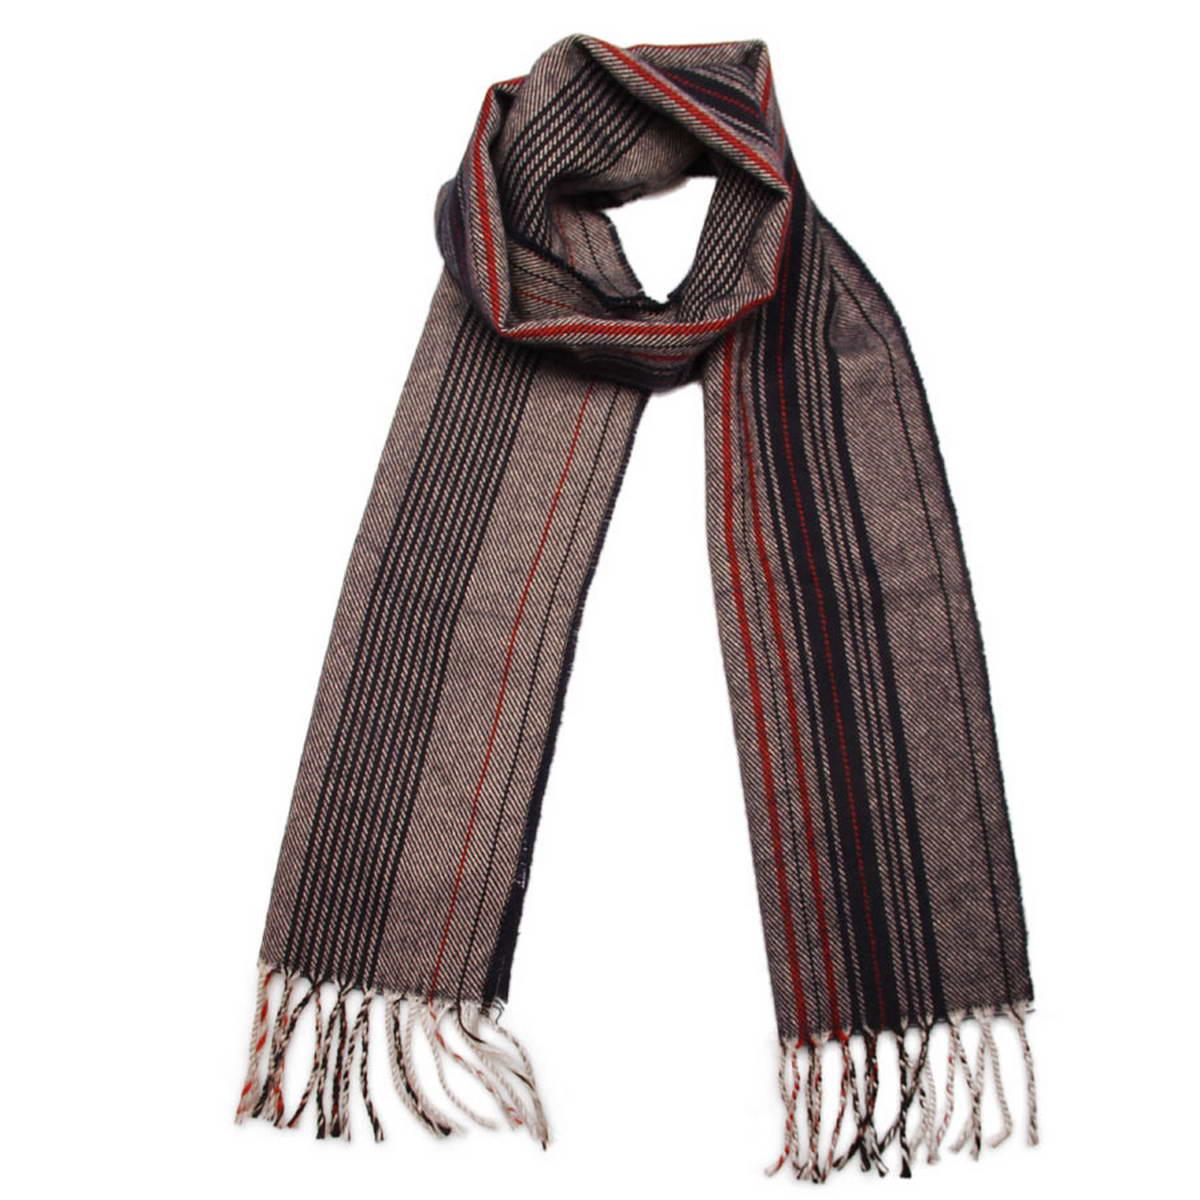 Шарф мужской. 5002832-35002832-3Элегантный мужской шарф Venera согреет вас в холодное время года, а также станет изысканным аксессуаром, который призван подчеркнуть ваш стиль и индивидуальность. Оригинальный теплый шарф выполнен из высококачественной пряжи на основе шерсти с добавлением акрила. Шарф оформлен узором в полоску и дополнен жгутиками по краю. Такой шарф станет превосходным дополнением к любому наряду, защитит вас от ветра и холода и позволит вам создать свой неповторимый стиль.